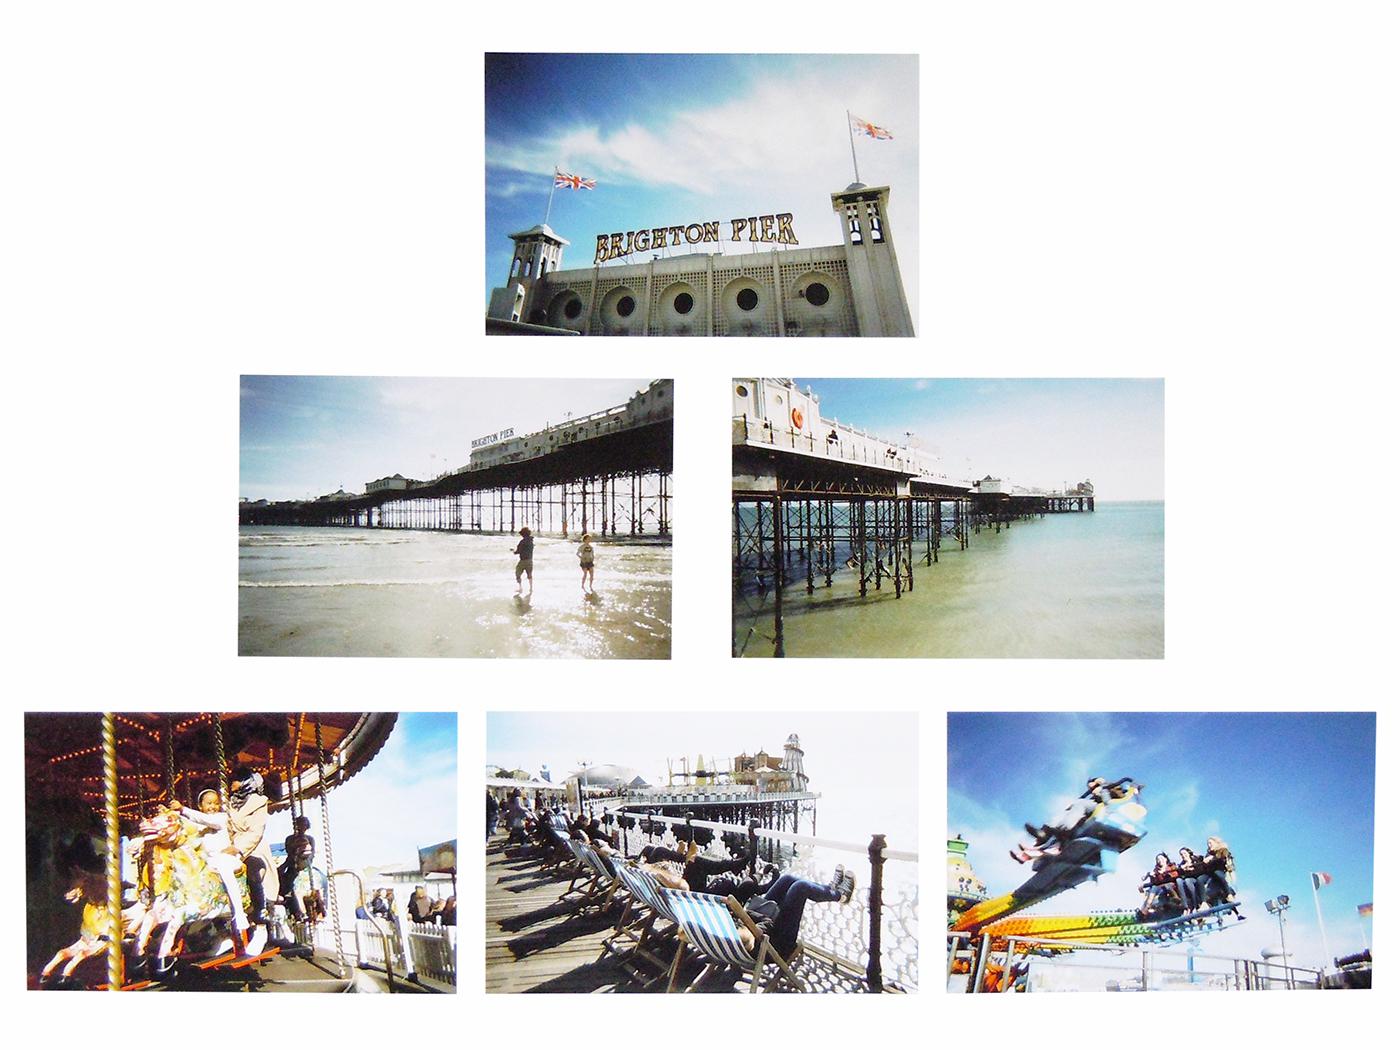 First 'Brighton Pier' by Mandy Herridge